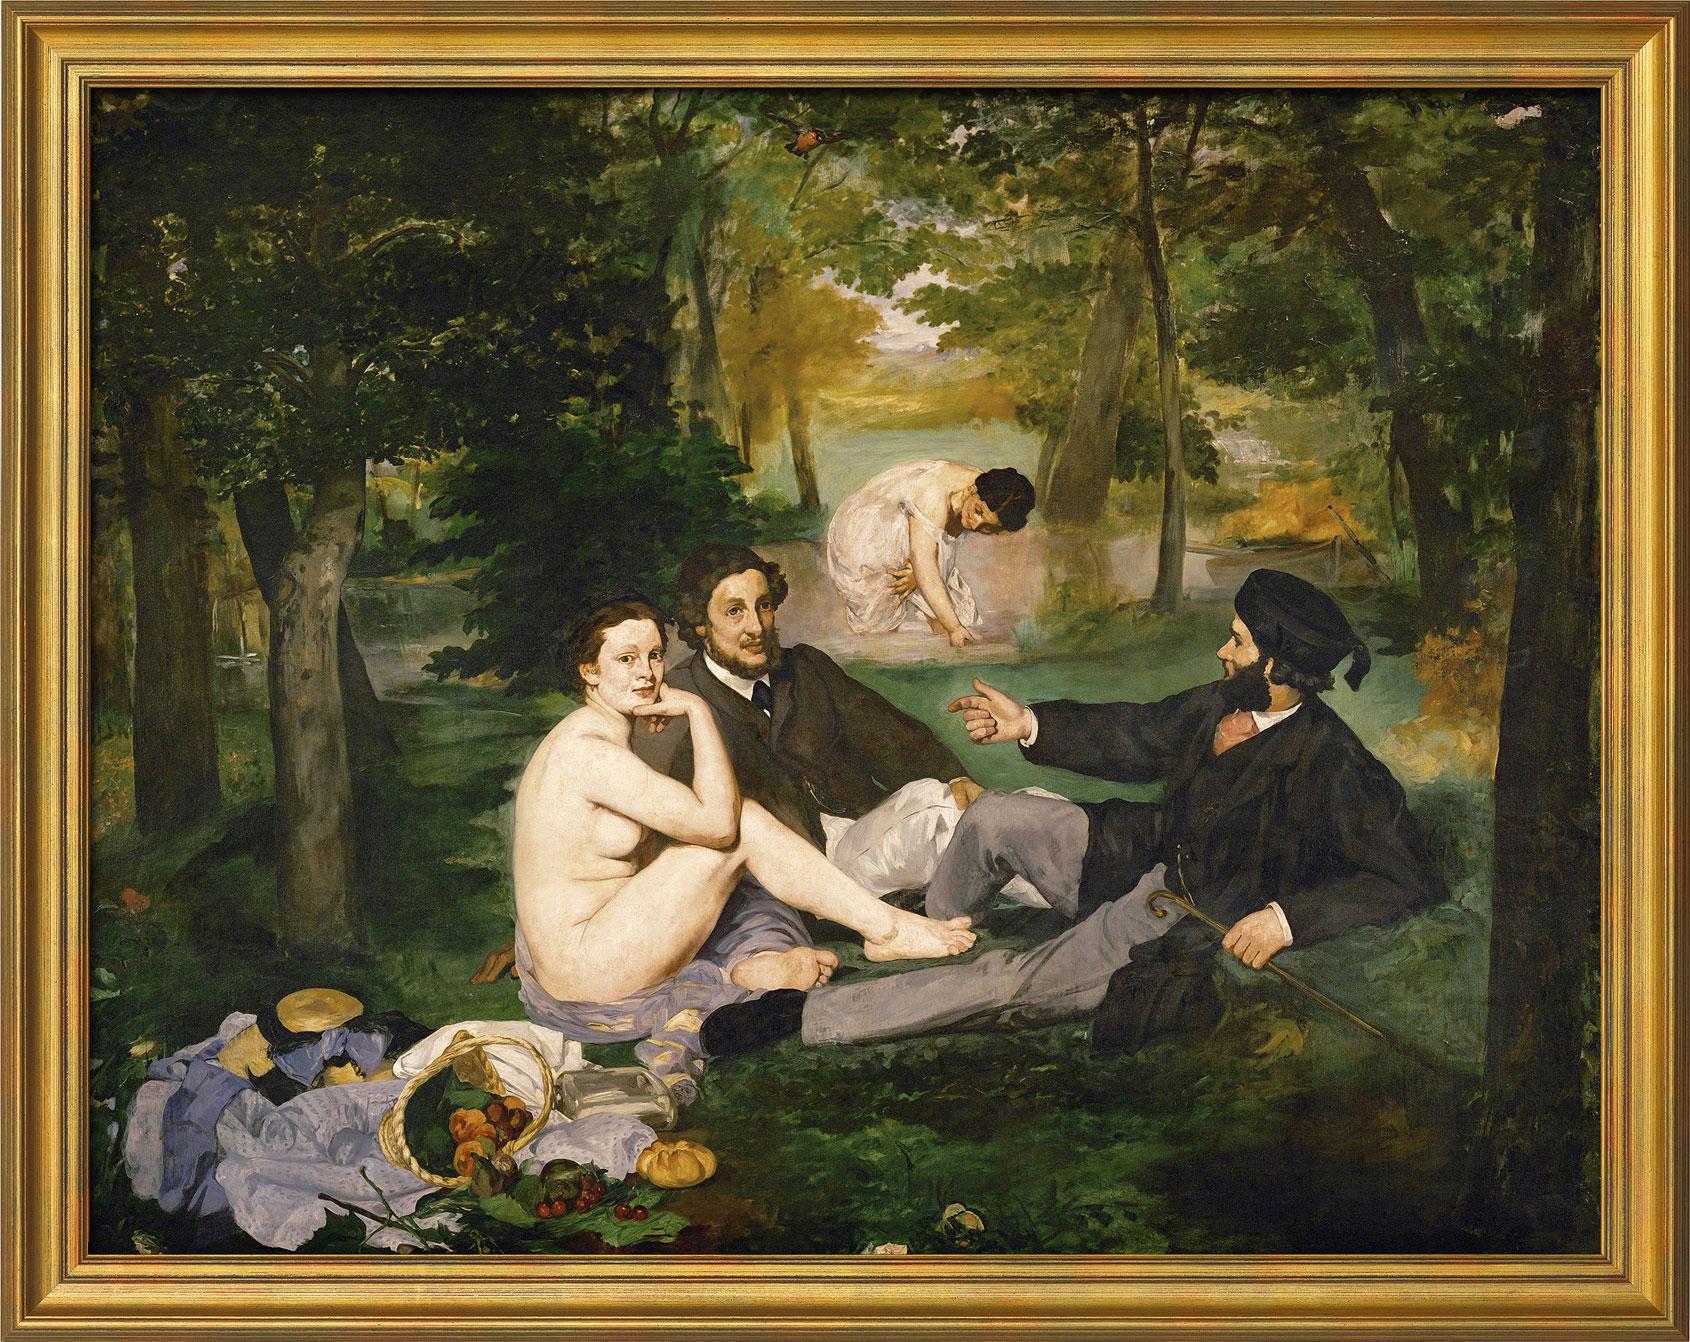 """Bild """"Le Déjeuner sur l'herbe (Frühstück im Grünen)"""" (1863), gerahmt"""